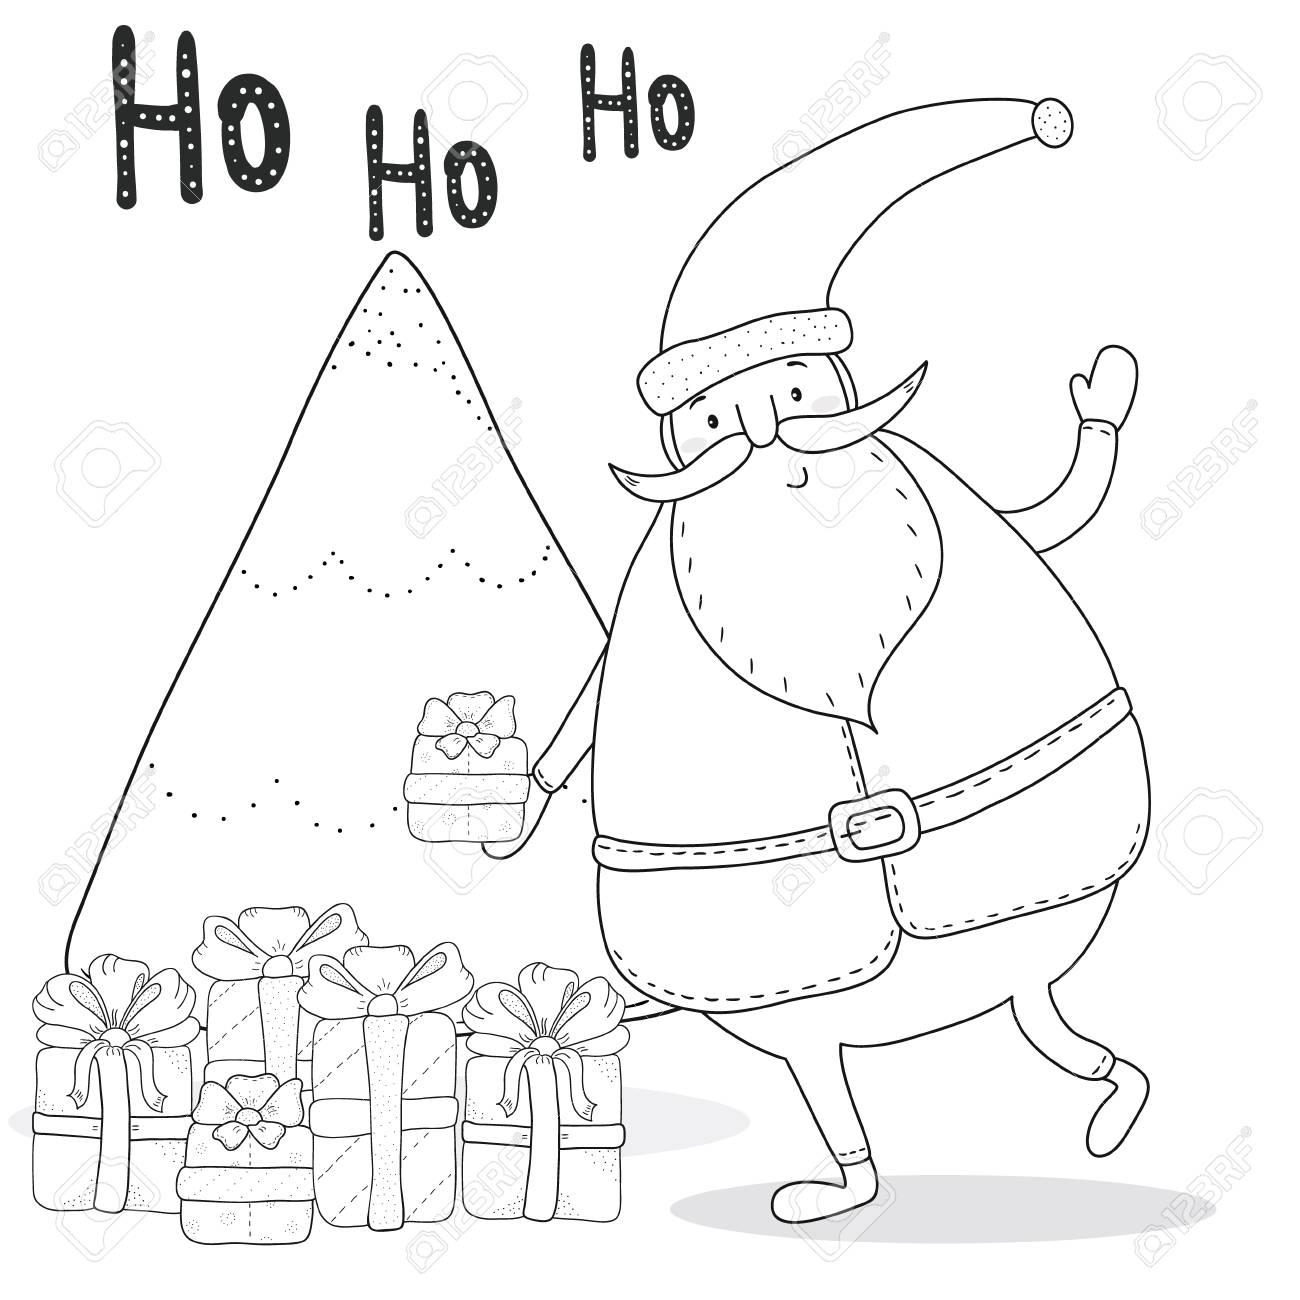 Página Para Colorear De Navidad Con Santa Claus, árbol De Navidad ...